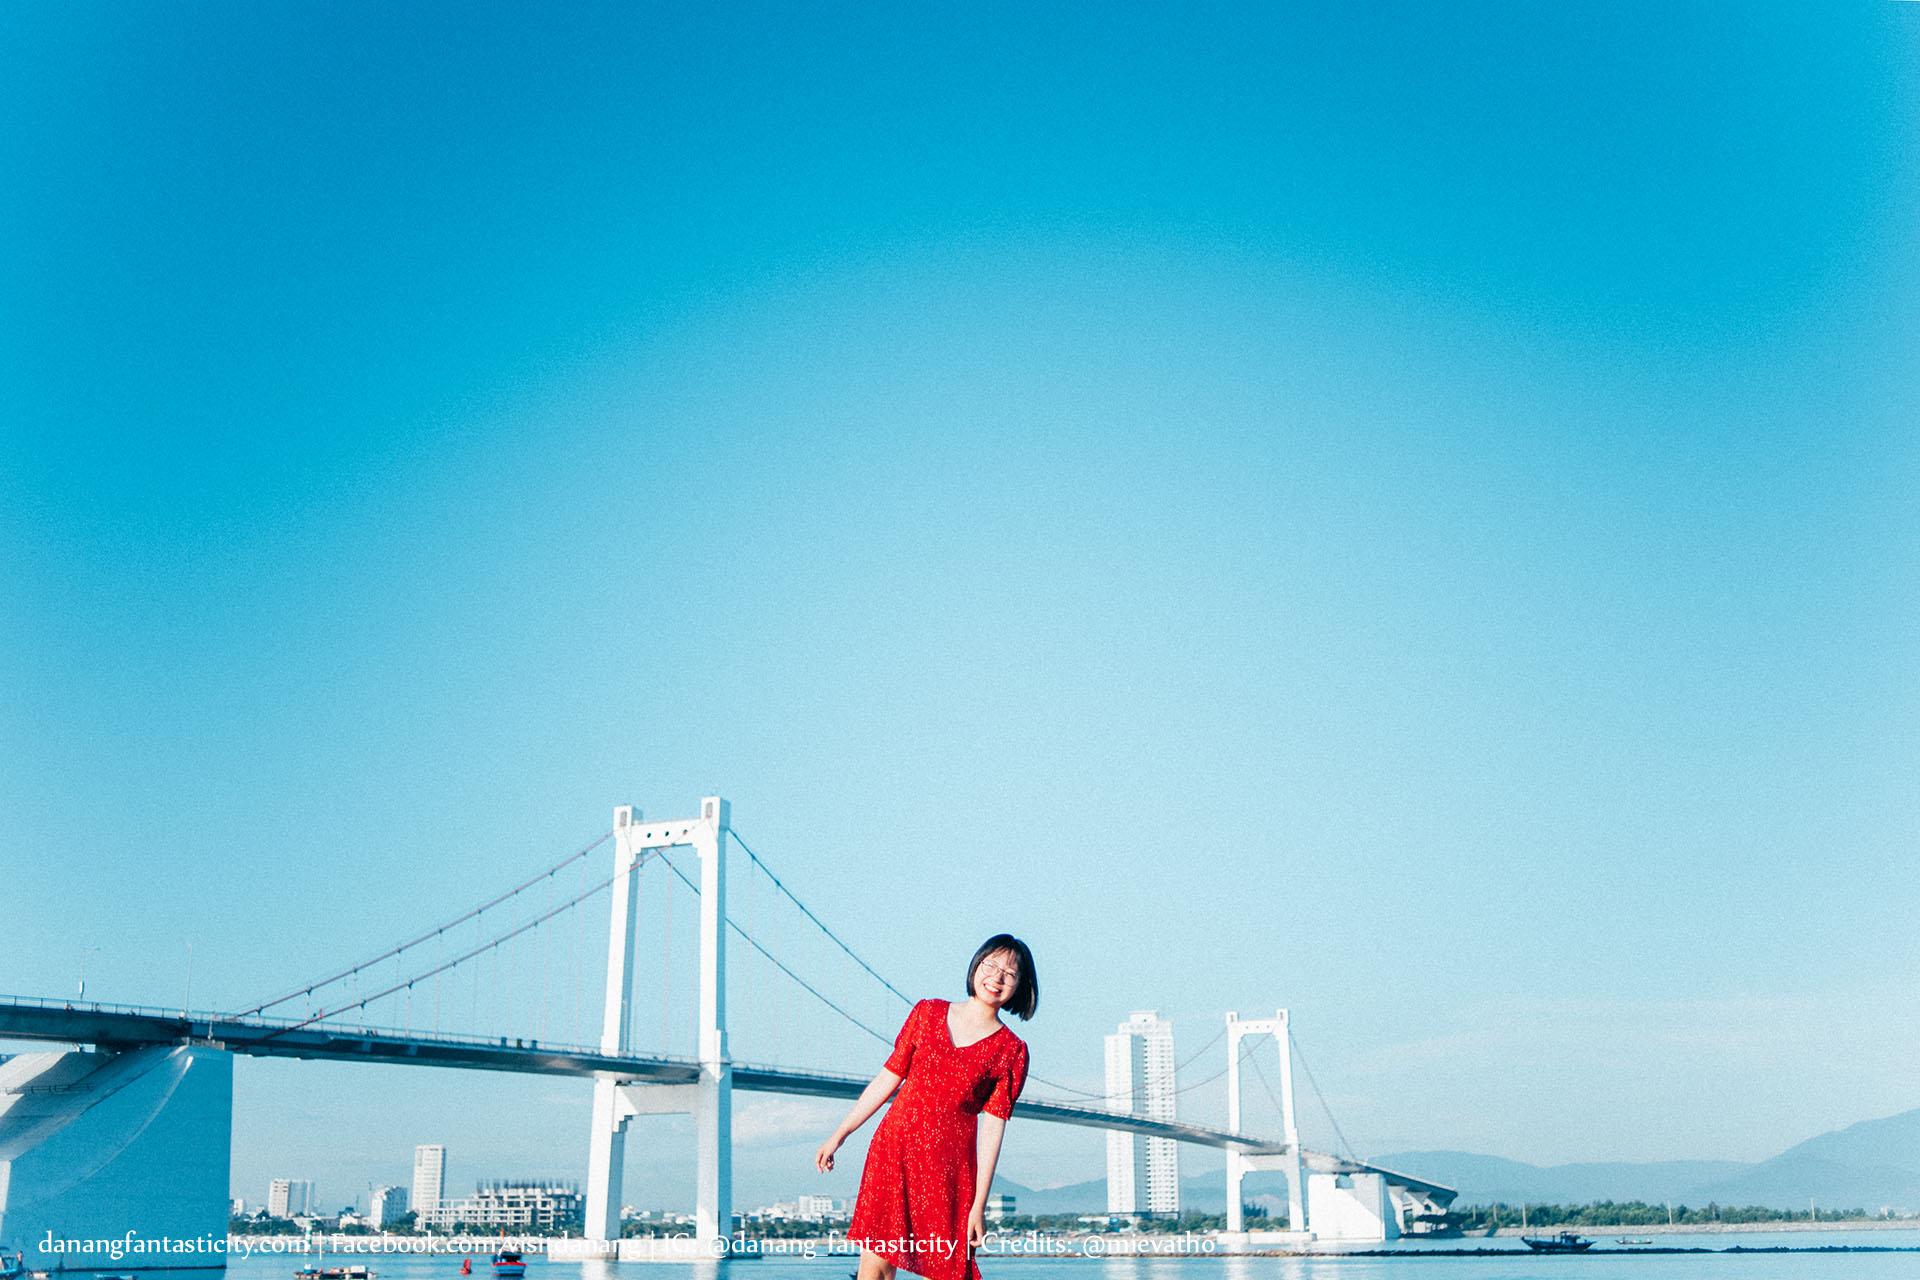 Da Nang Hoi An Anh Cho Minh Tren Chiec Xe Giac Mo Mievatho Danang Fantasticity Com Chan Cau Thuan Phuoc 02